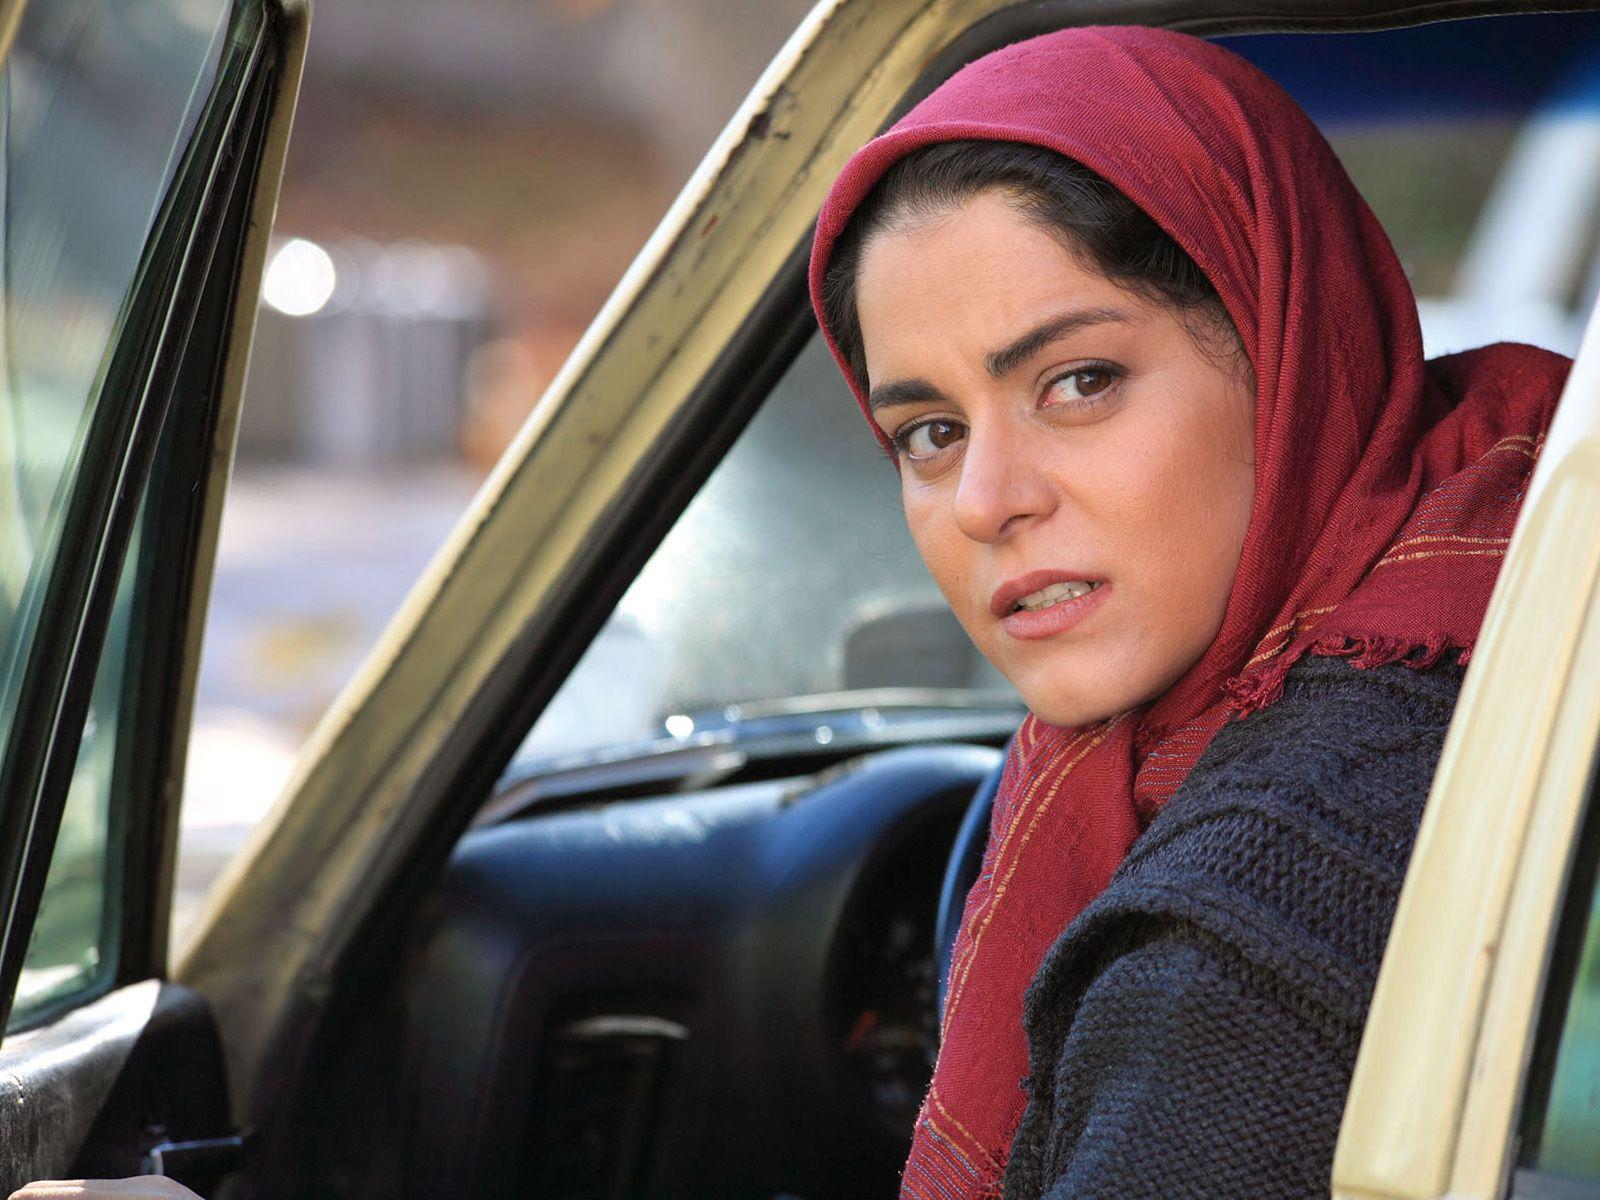 rencontre femmes iraniennes apple site de rencontre iphone